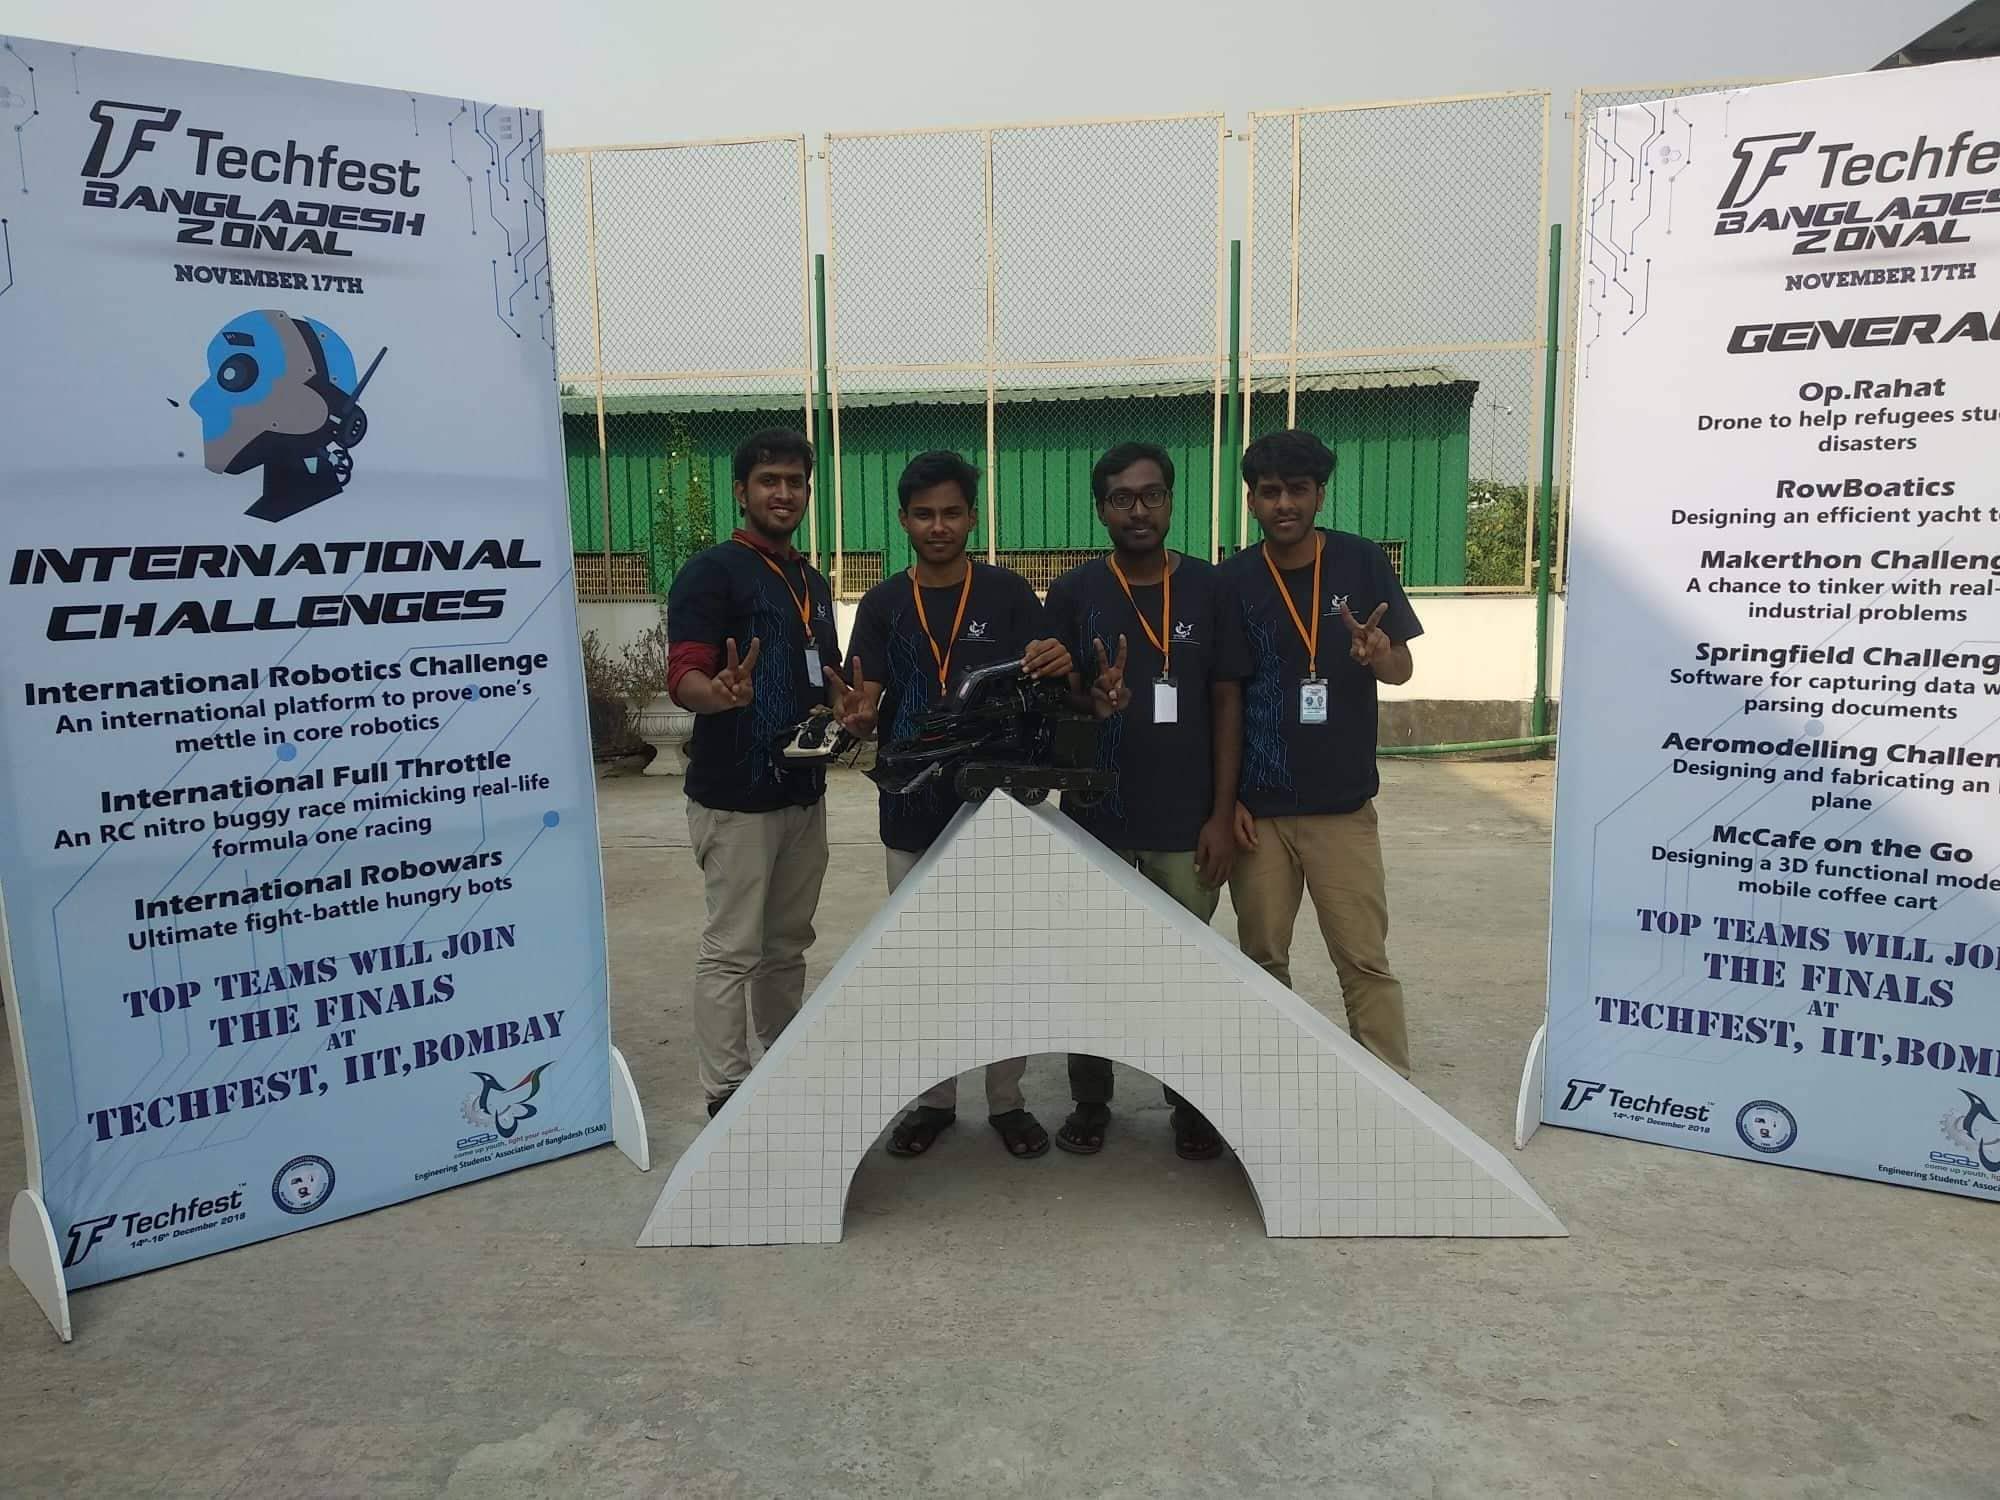 Tachfest Bangladesh Zonal, Robowar, Team Wall-E, Runner Up